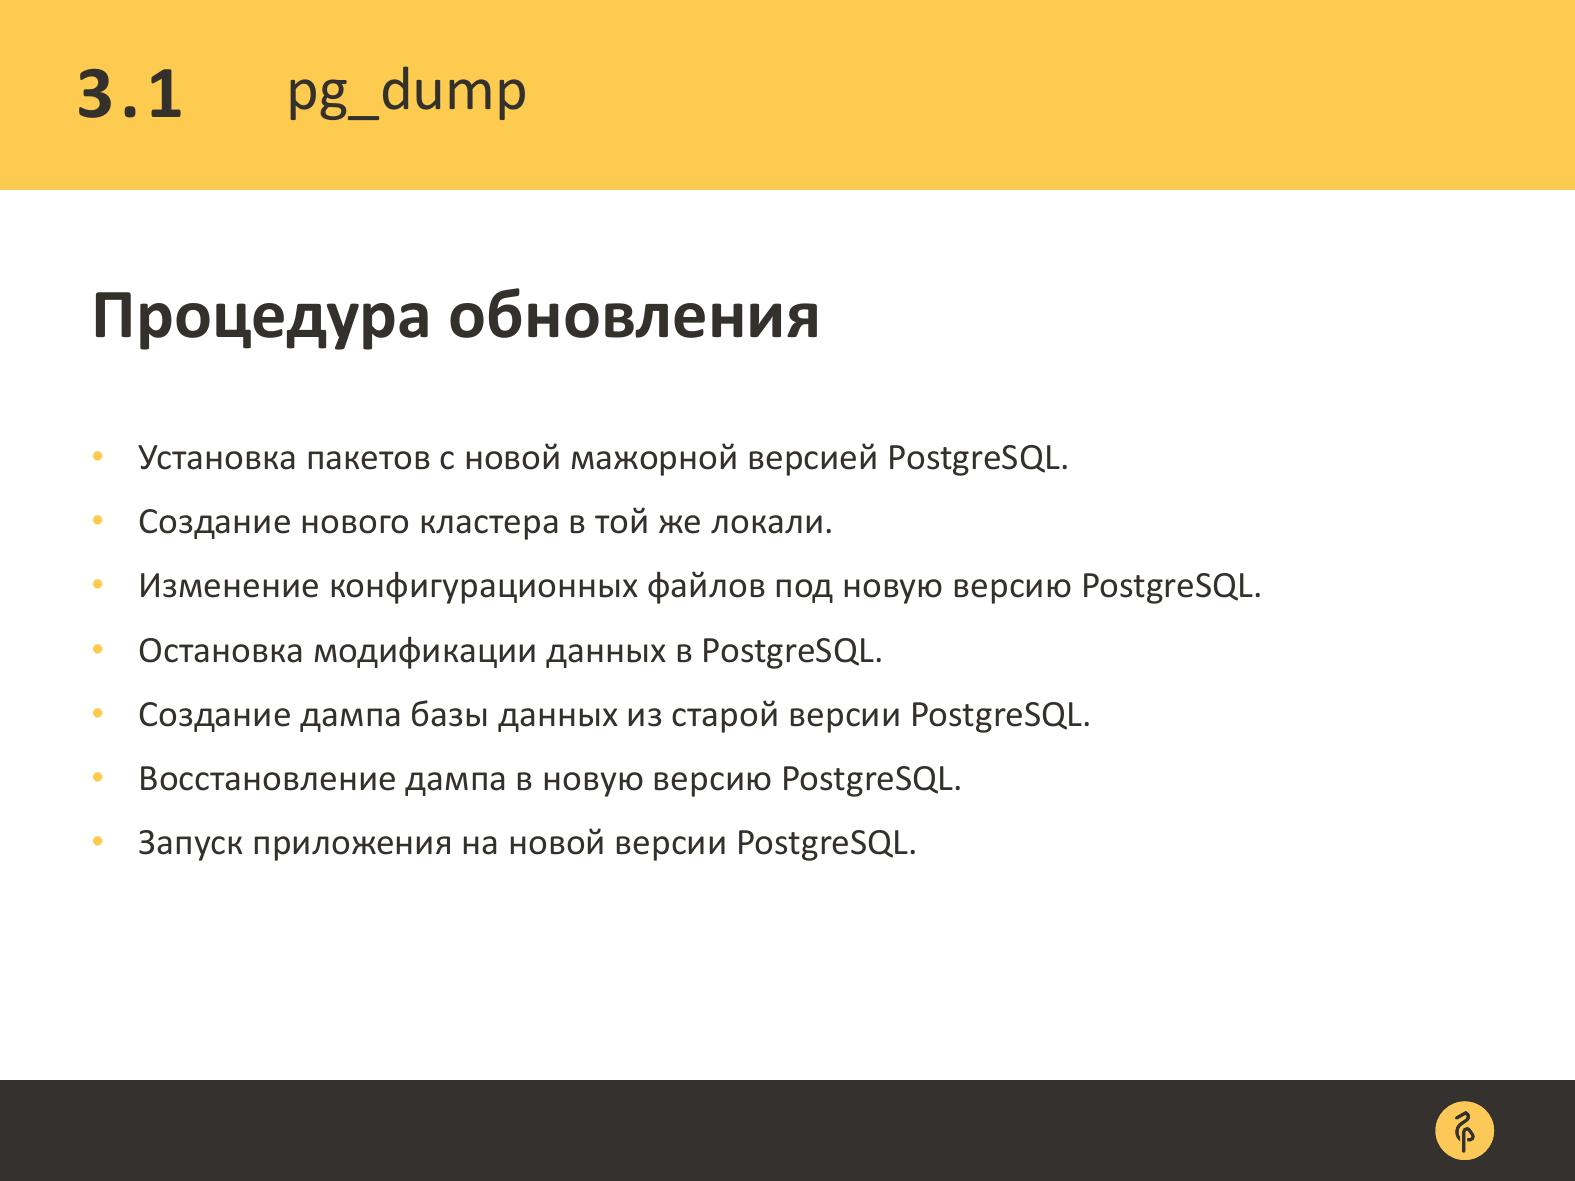 Практика обновления версий PostgreSQL. Андрей Сальников - 12